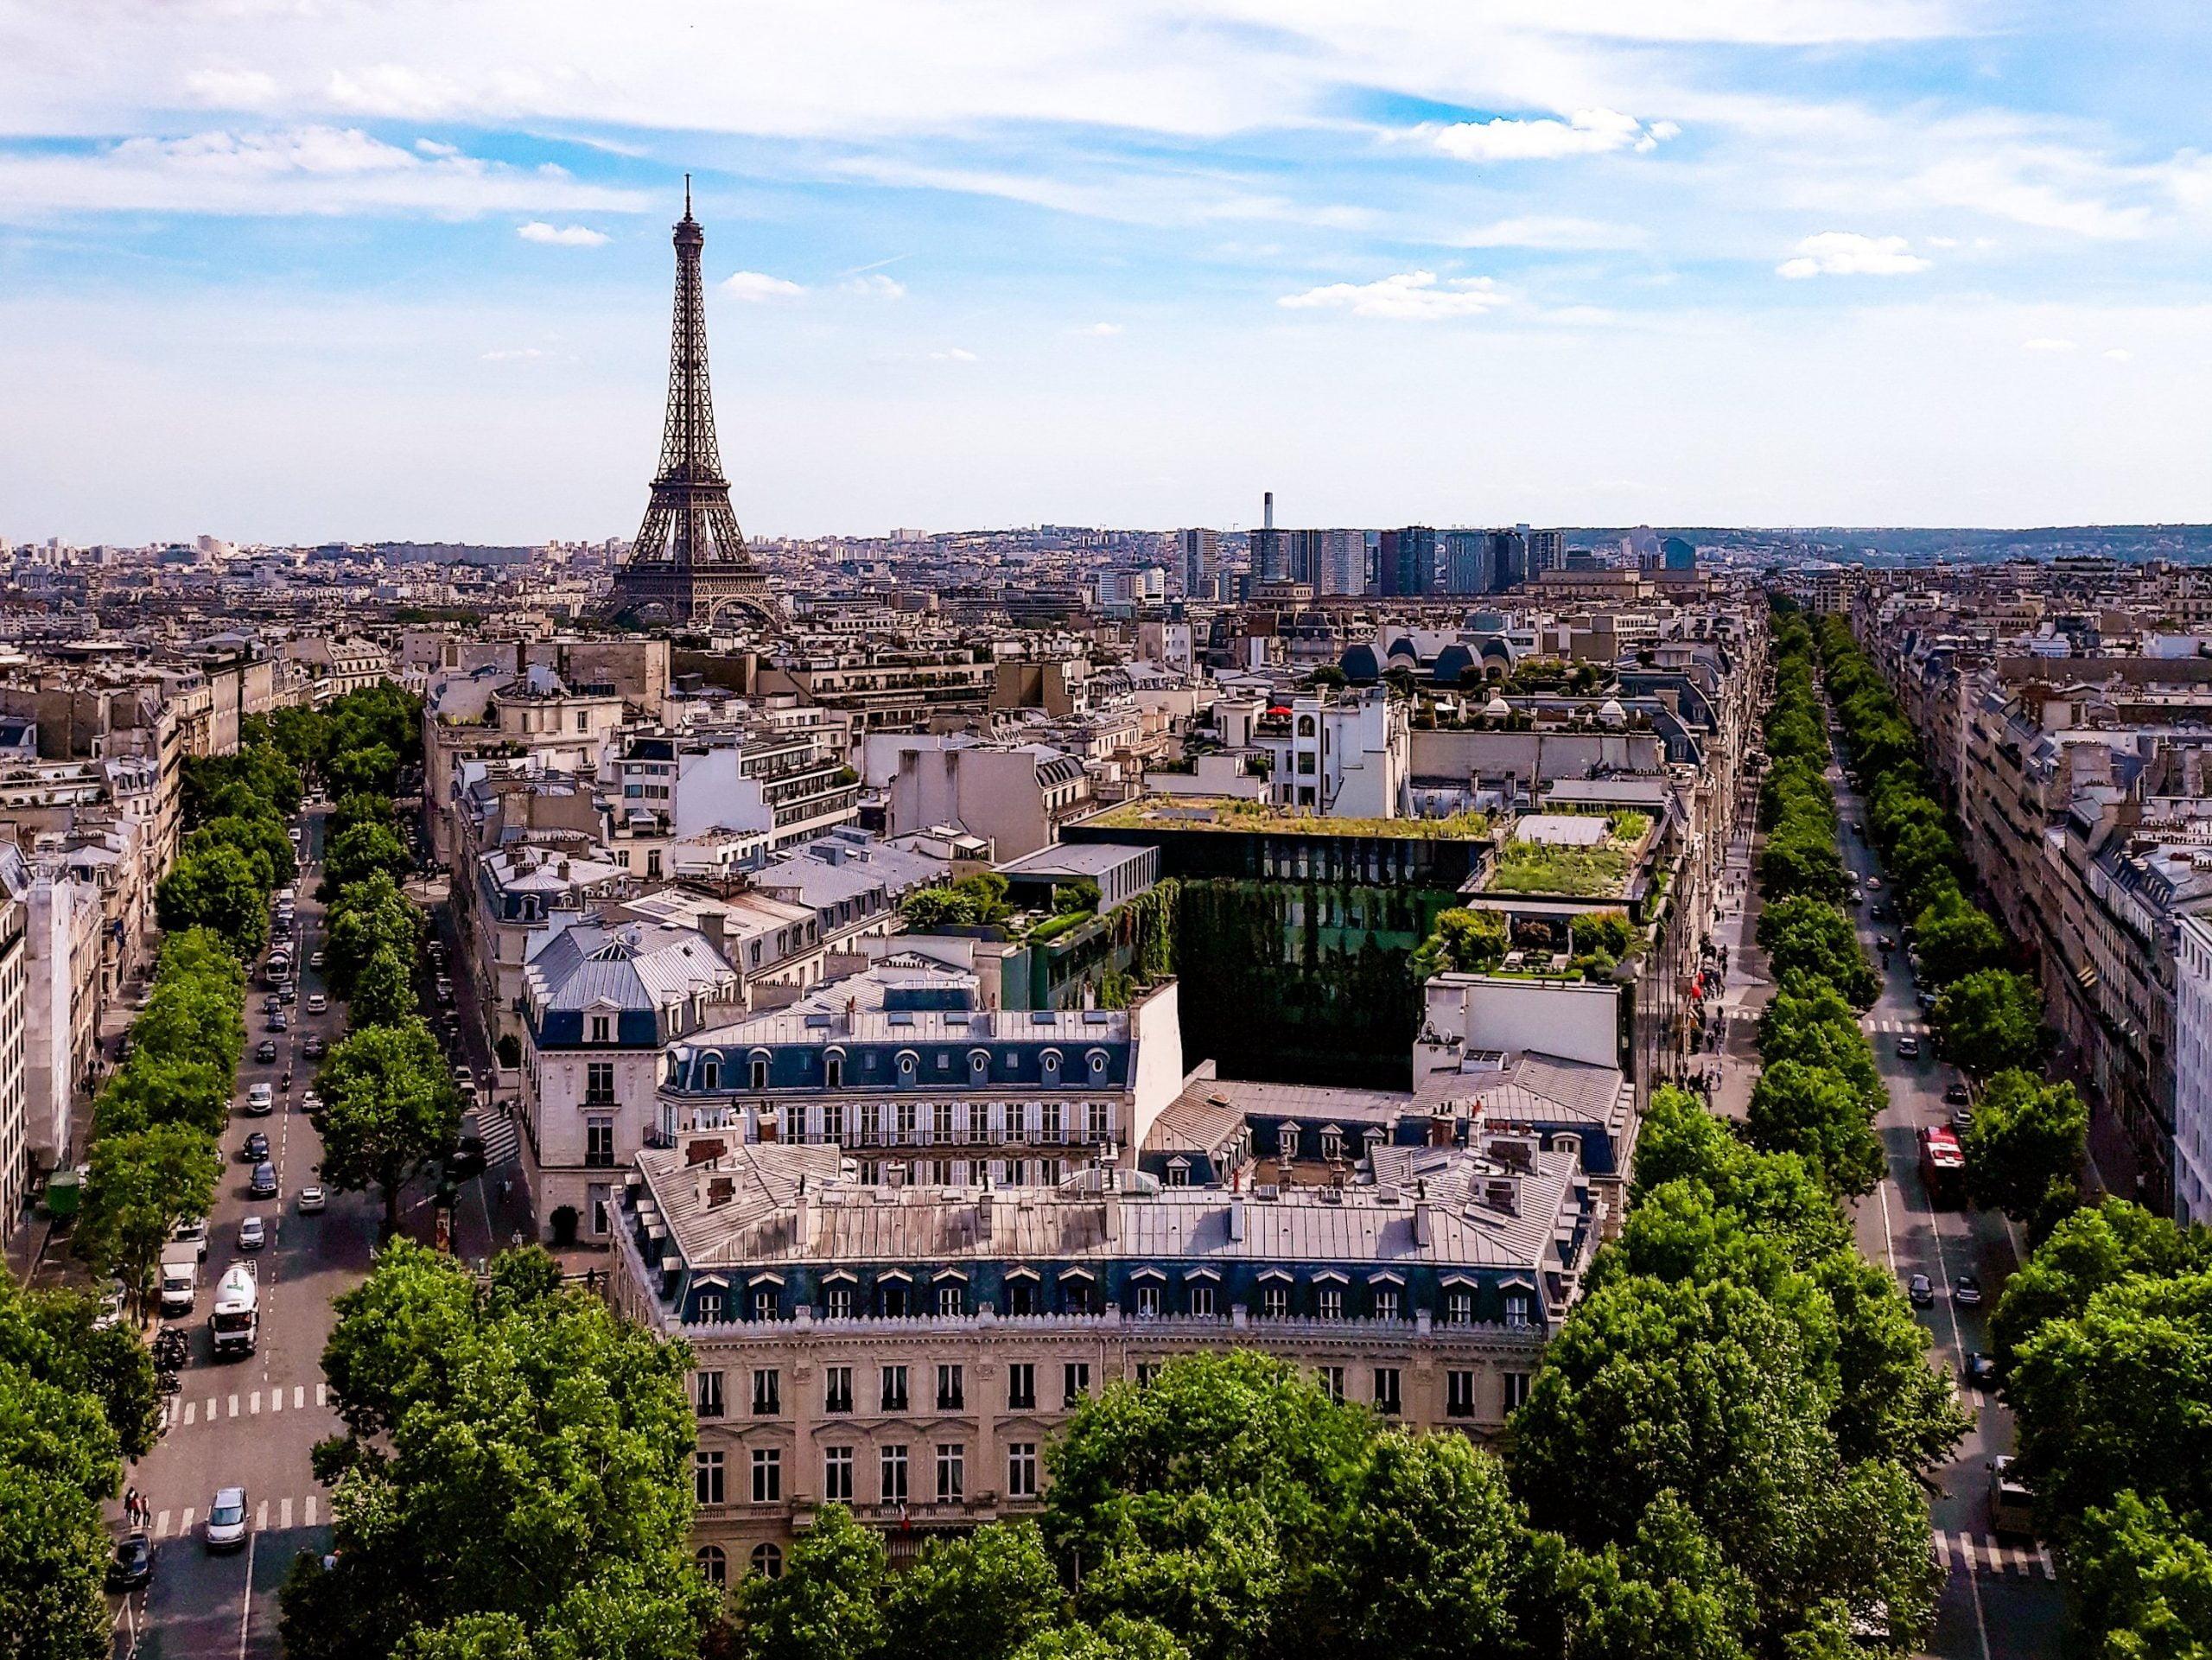 Vistas de la Torre Eiffel desde el Arco del Triunfo